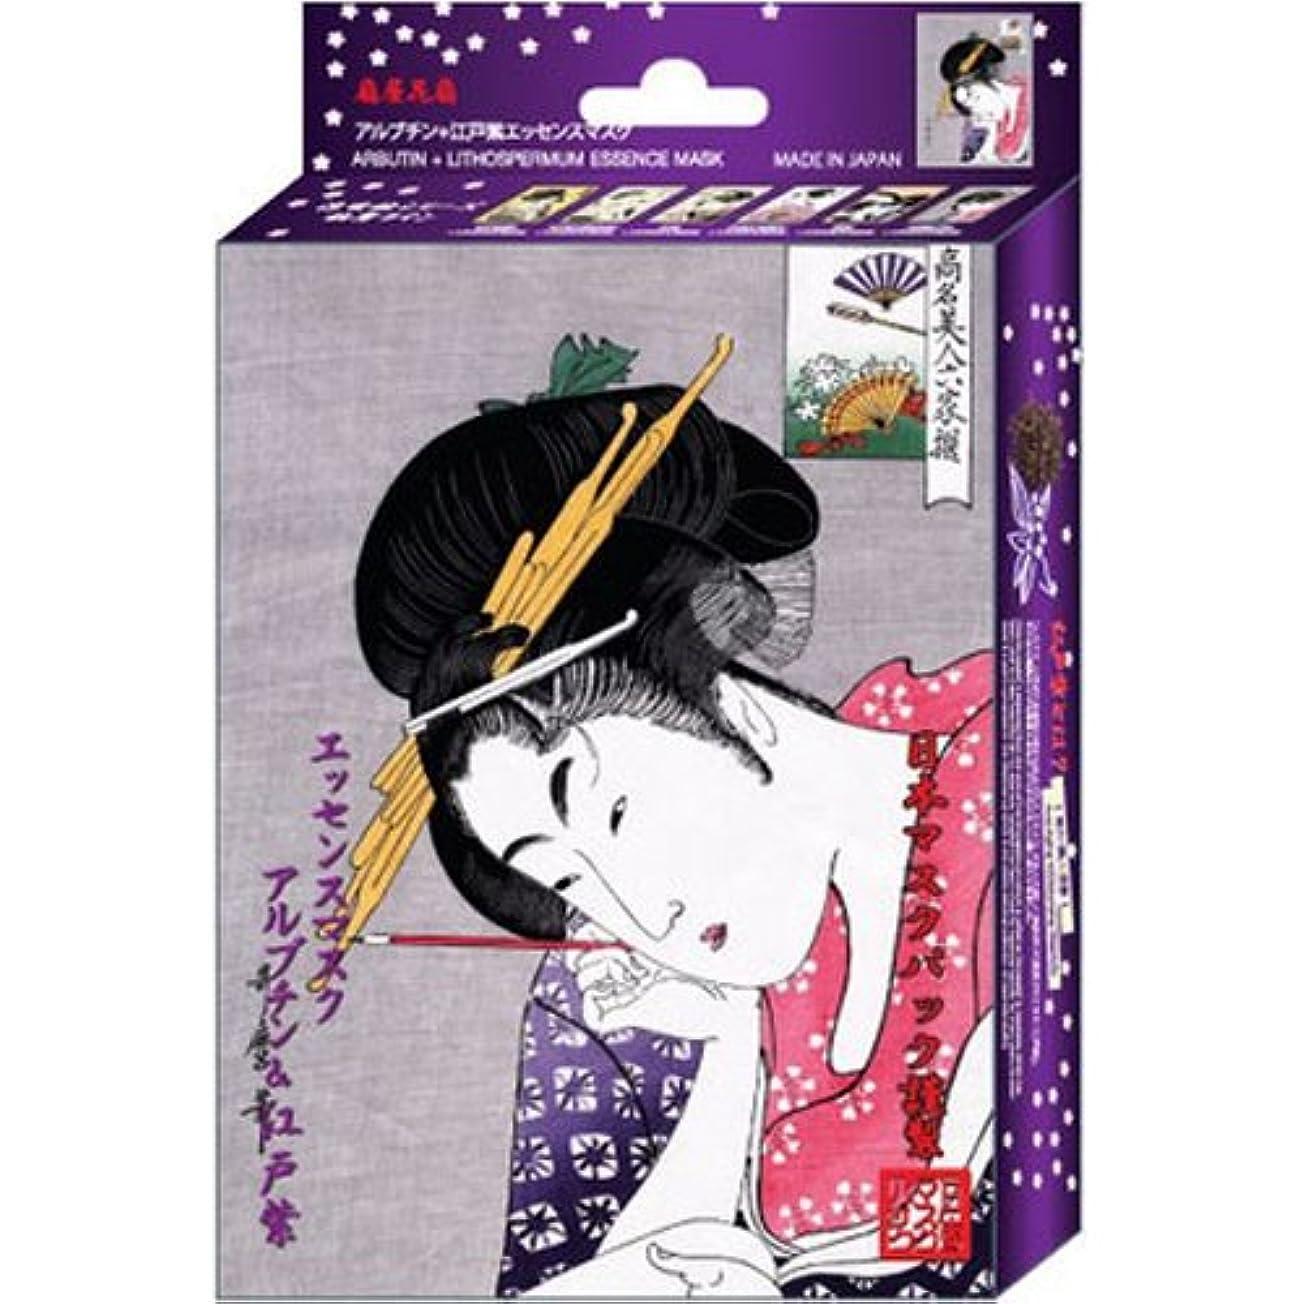 重々しい予算カテゴリー浮世絵シリーズ 歌麿ライン エッセンスマスク アルブチン+江戸紫 (10枚入)